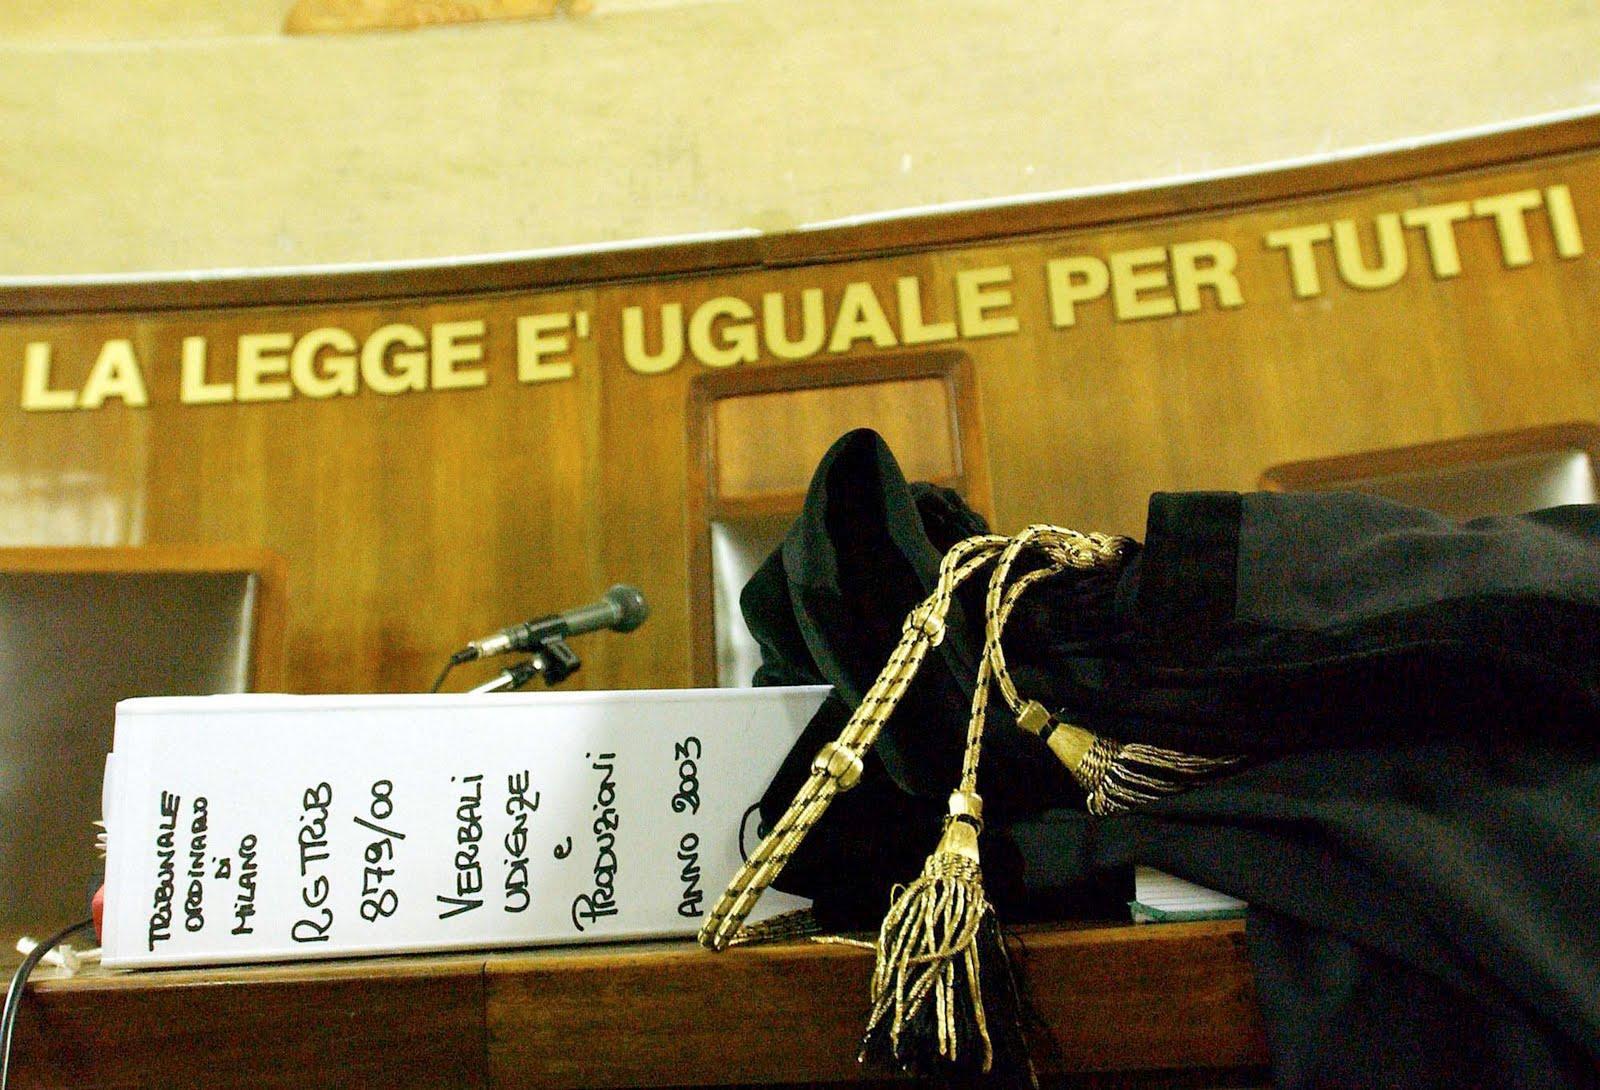 Da Milano a Reggio, blitz anti 'ndrangheta. In manette giudice calabrese